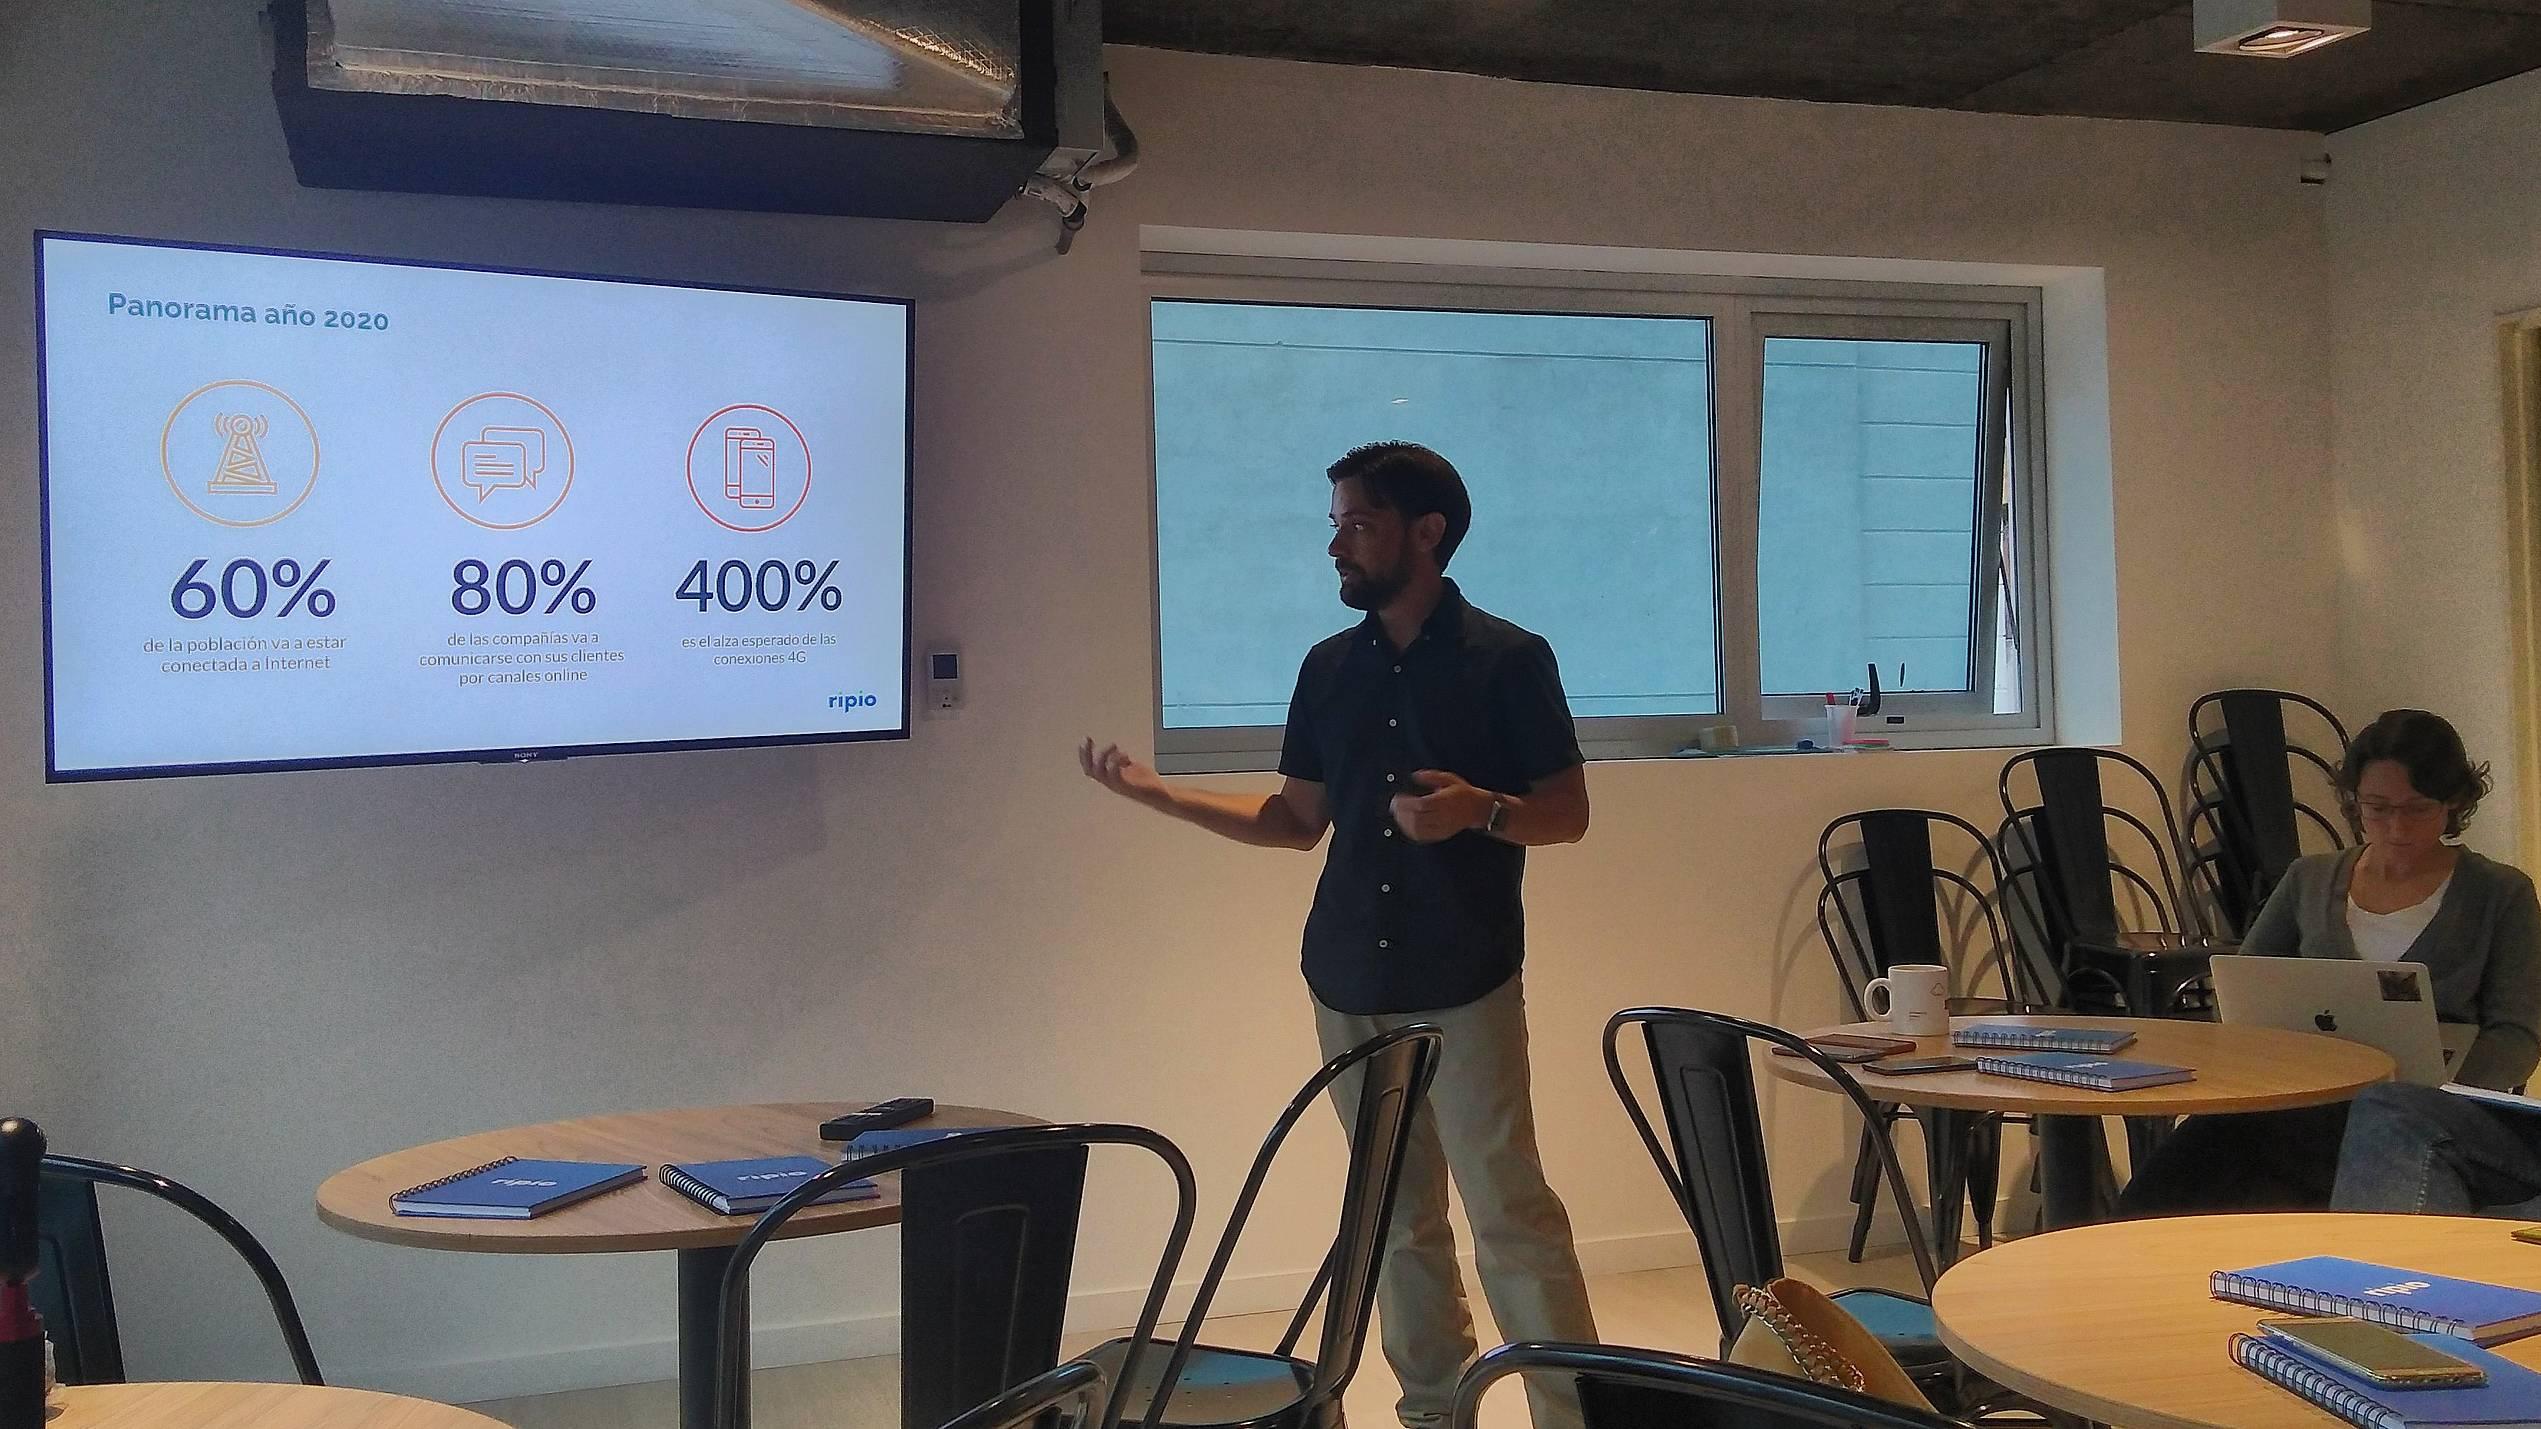 Ripio: El dinero se convierte en un software